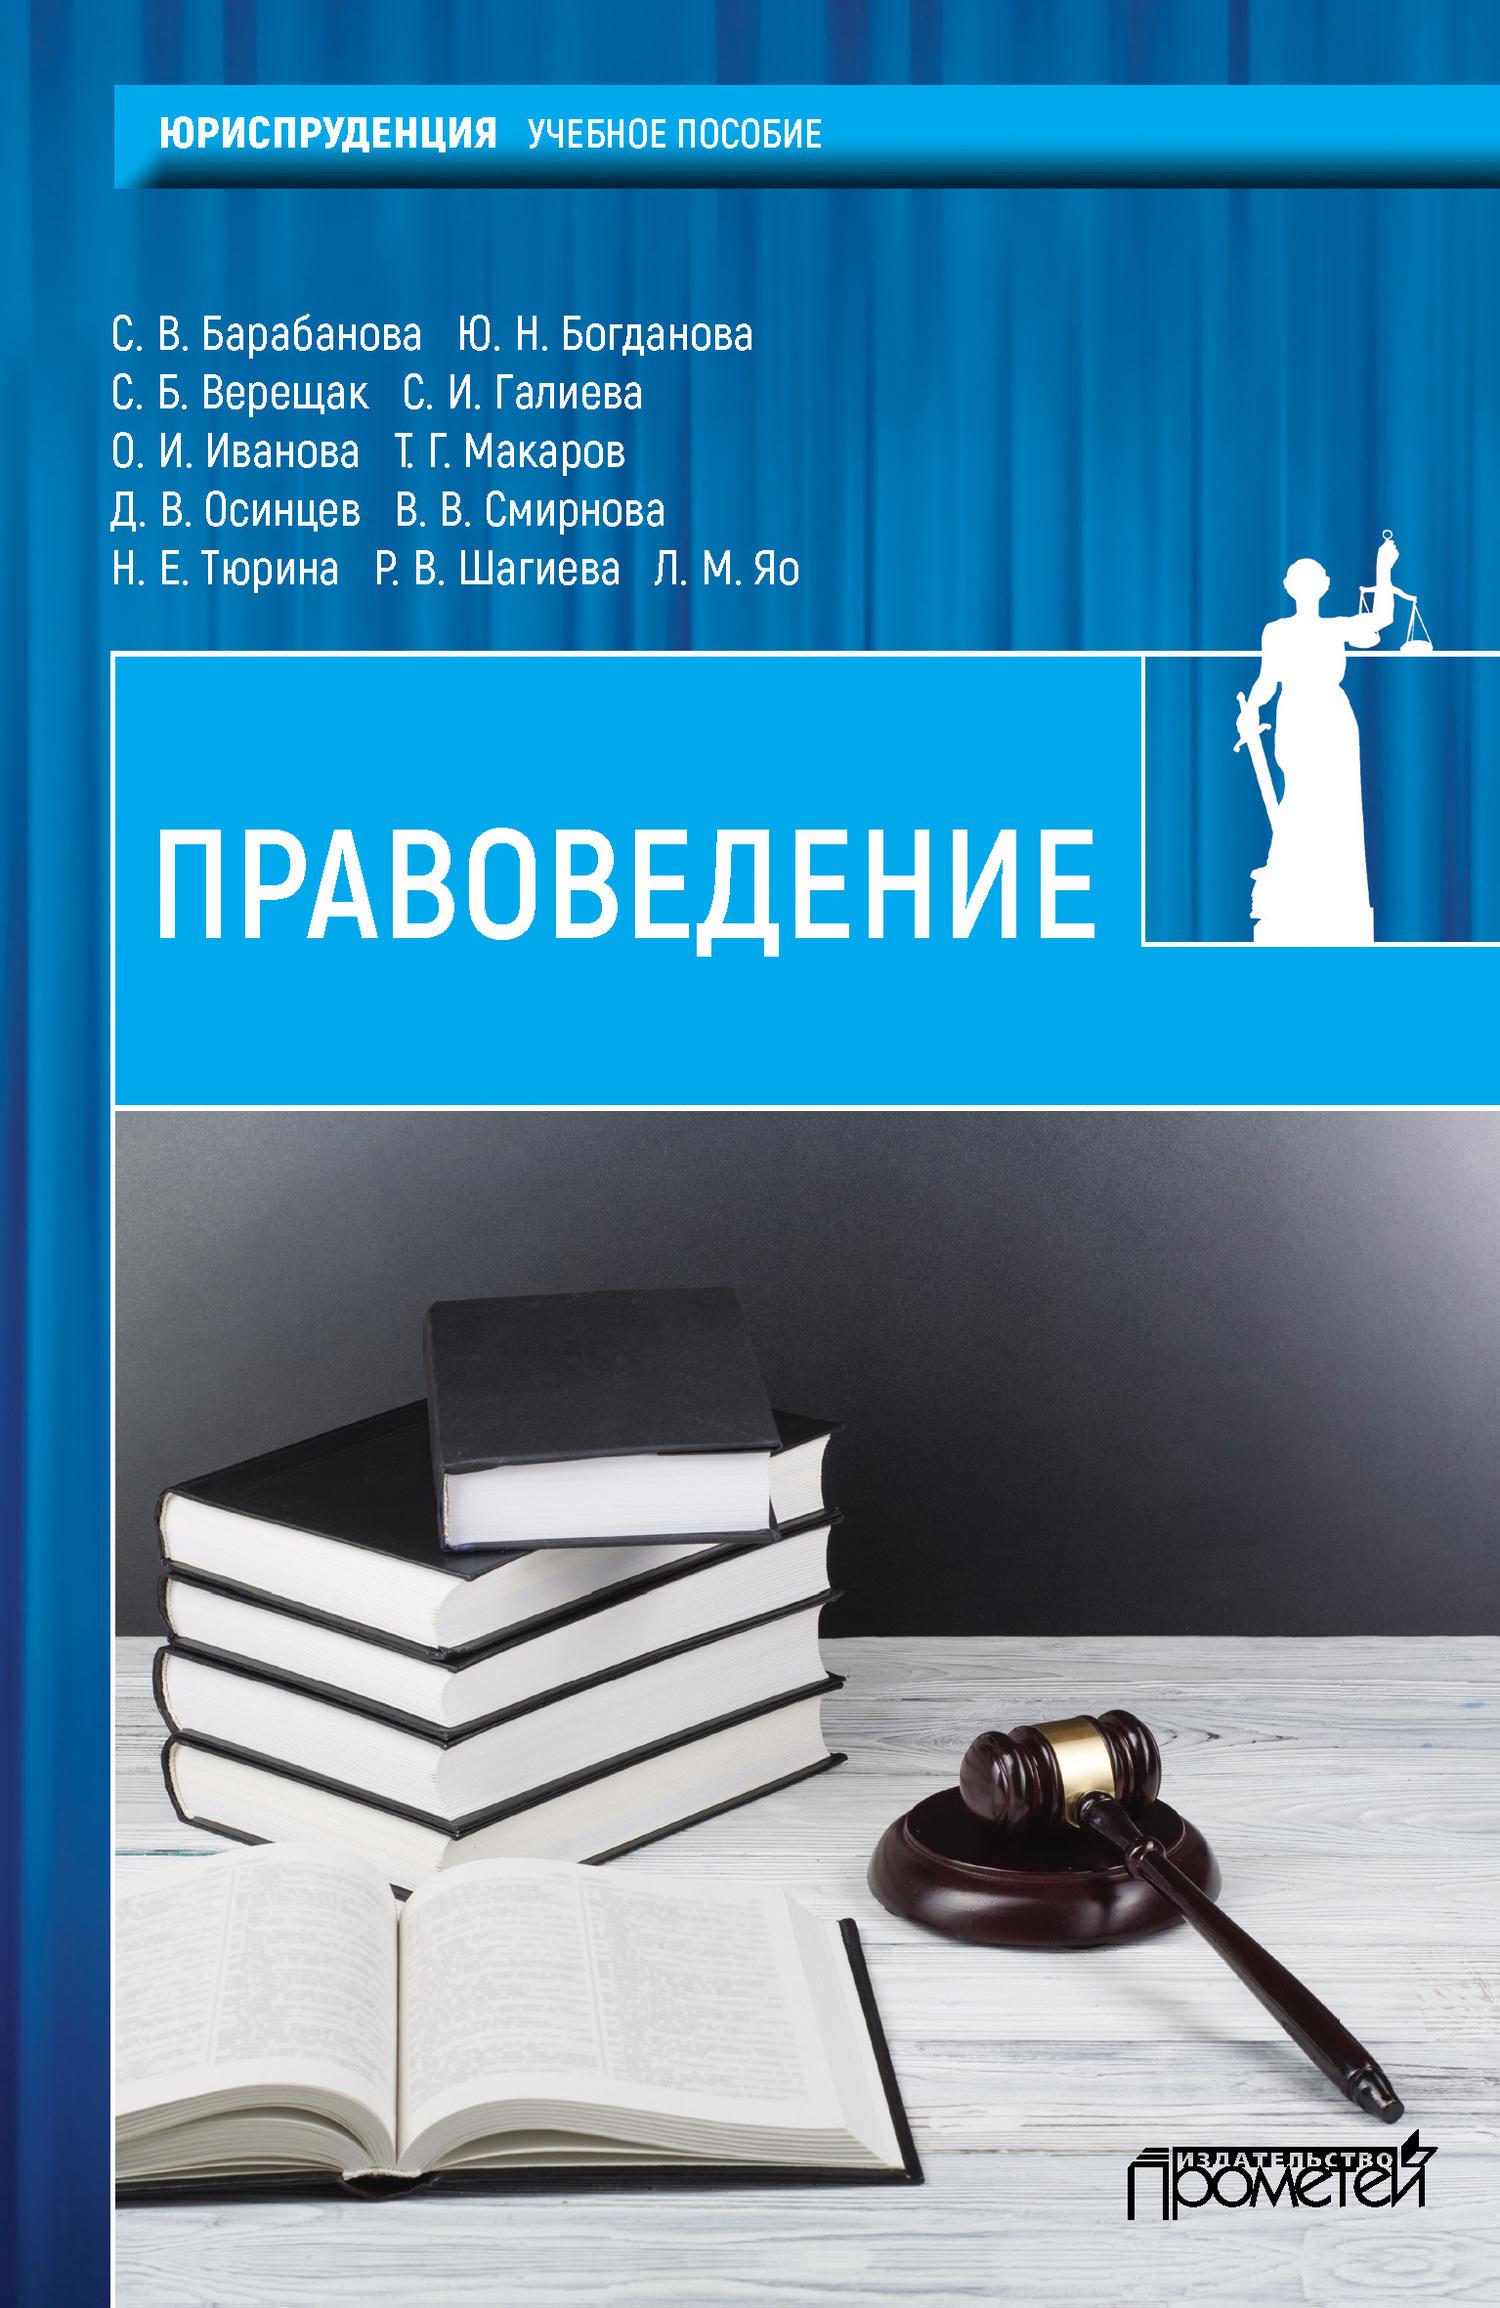 Коллектив авторов Правоведение в и шкатулла правоведение с основами семейного права и прав инвалидов